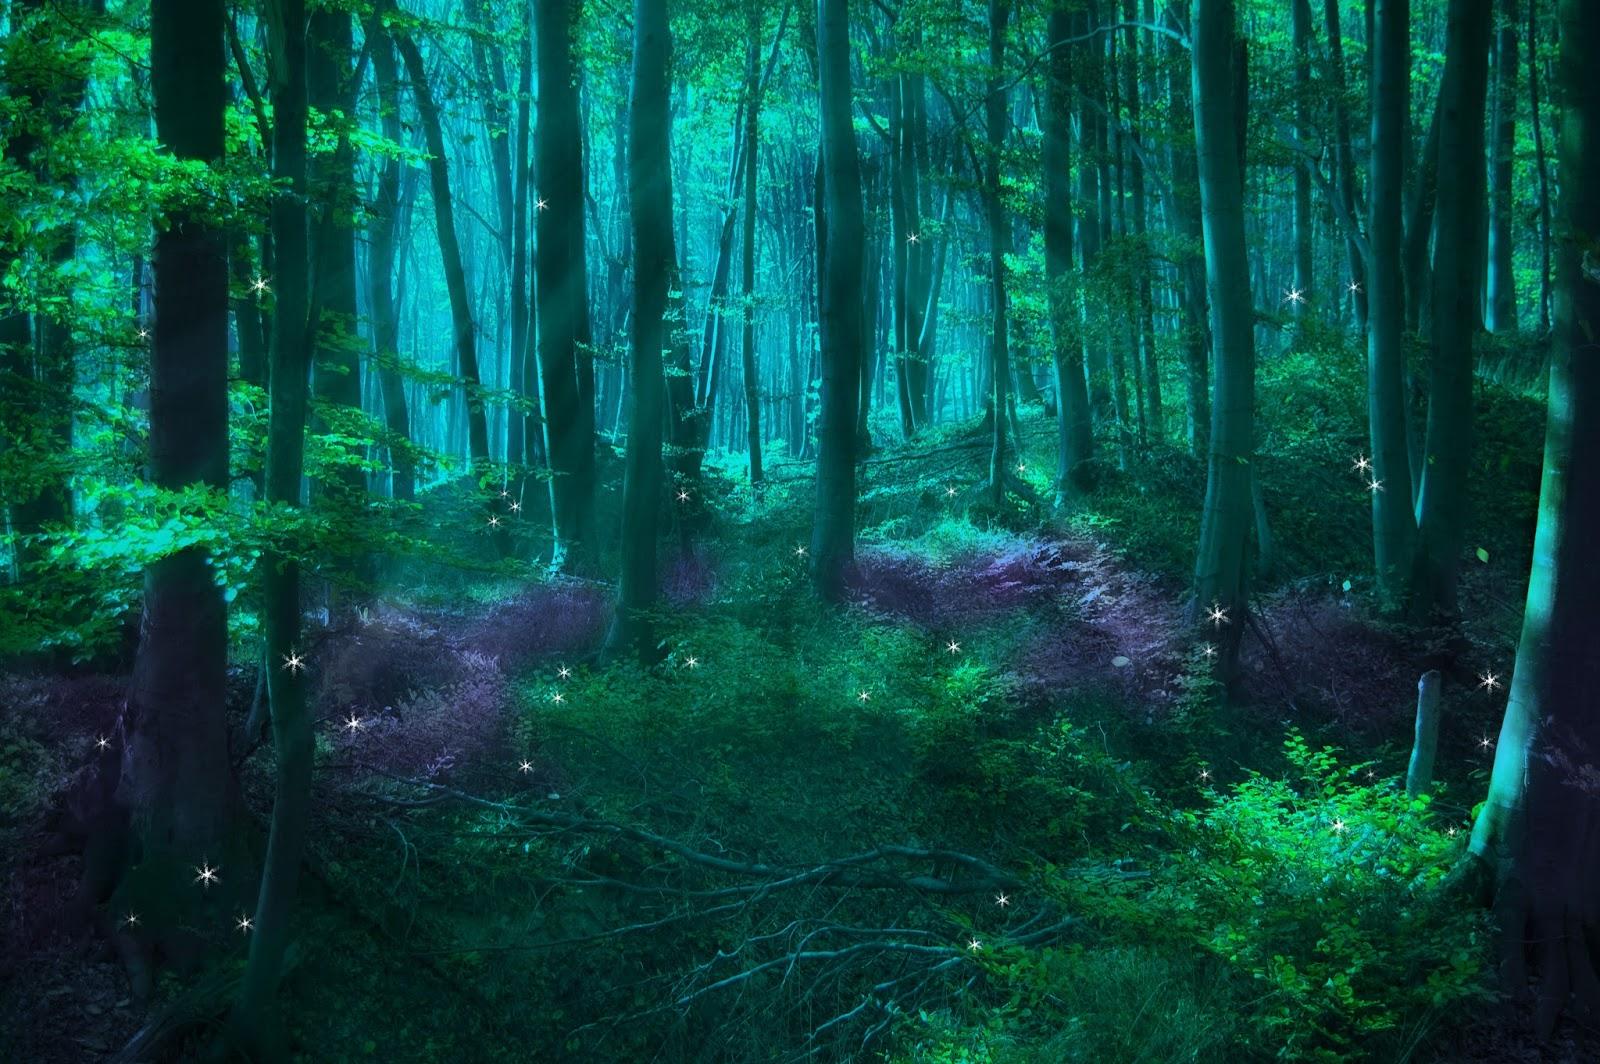 Risultati immagini per enchanted forest